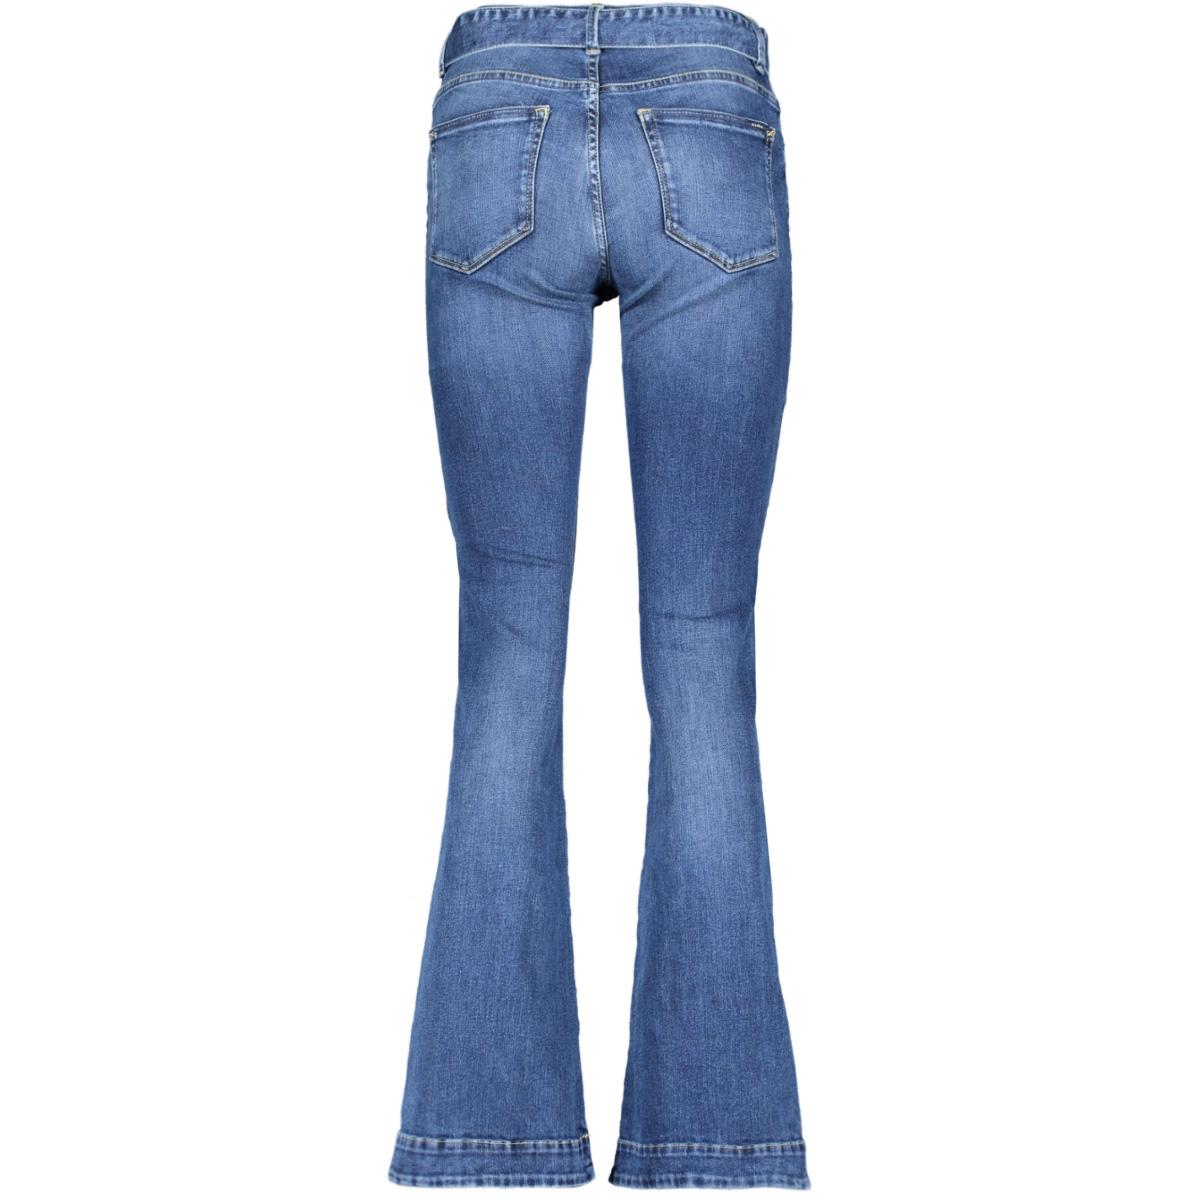 celia j90318 garcia jeans 8580 medium used